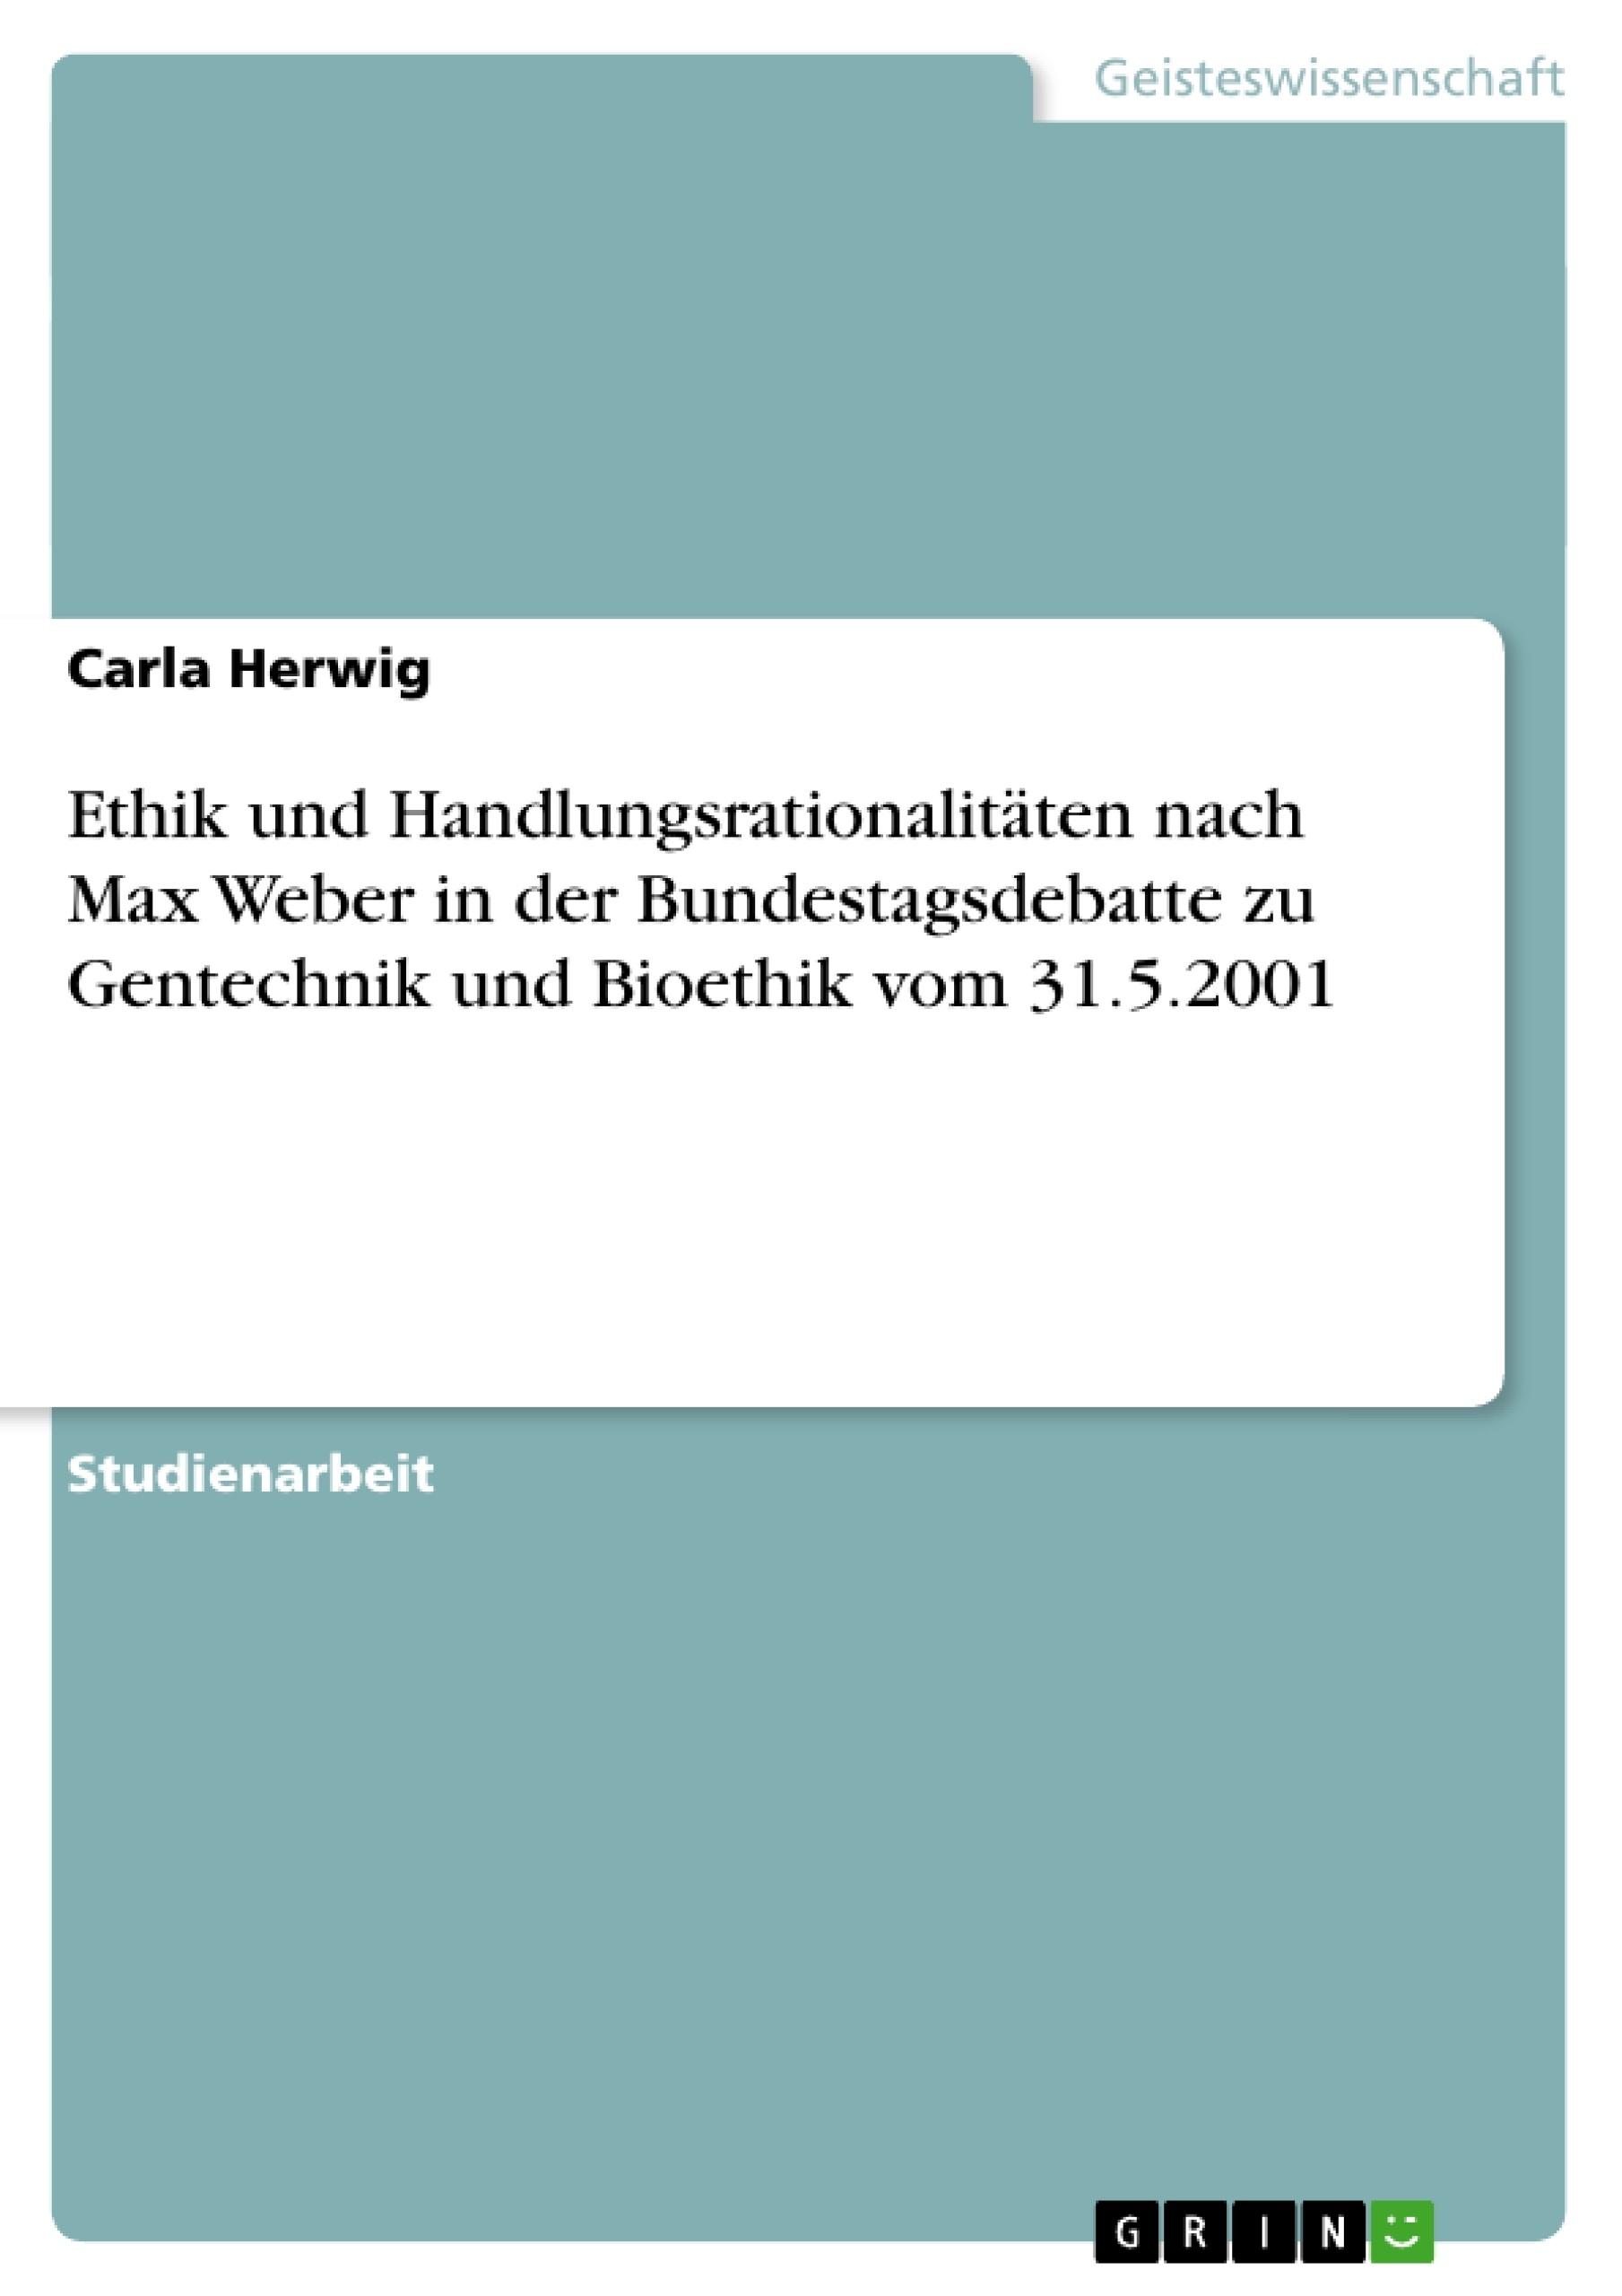 Titel: Ethik und Handlungsrationalitäten nach Max Weber in der Bundestagsdebatte zu Gentechnik und Bioethik vom 31.5.2001